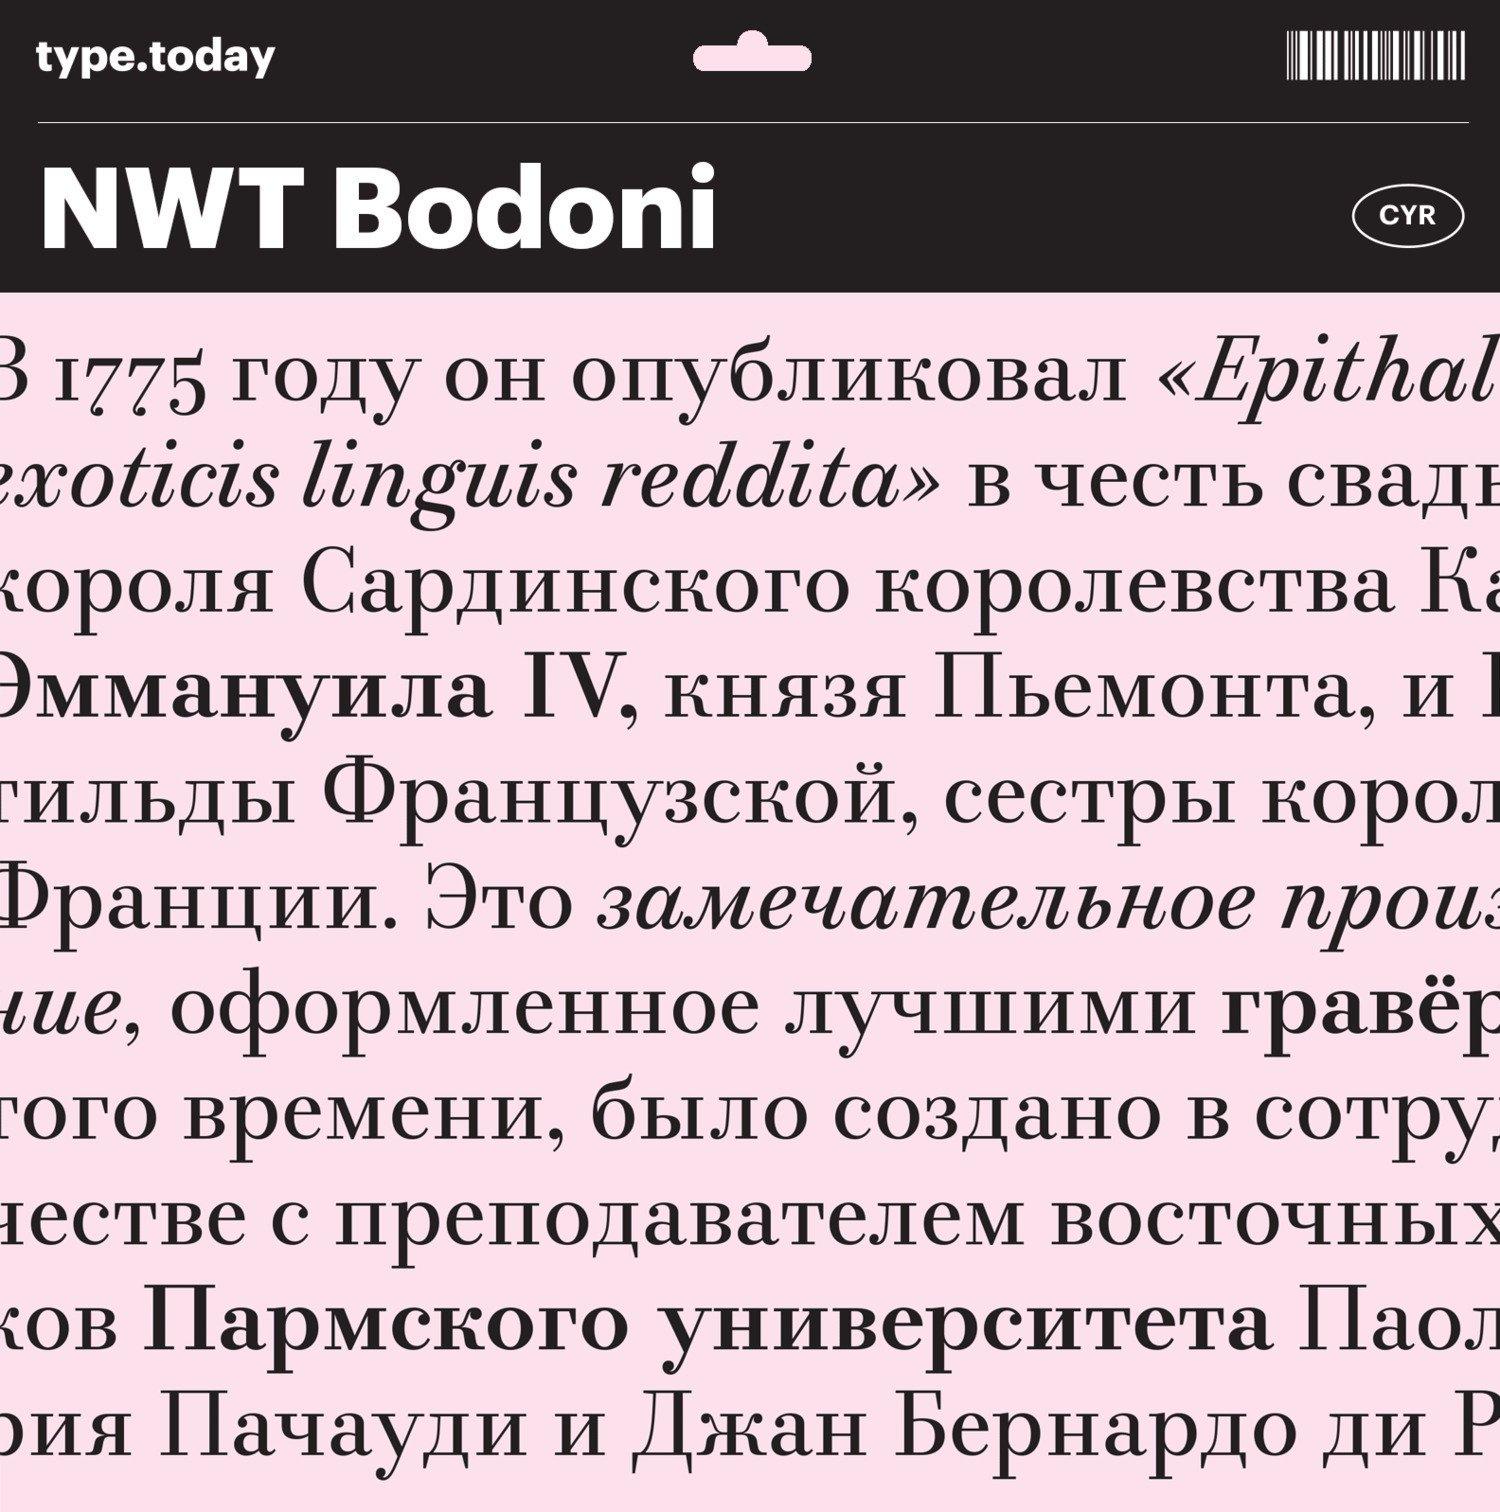 TT_Bodoni_Body